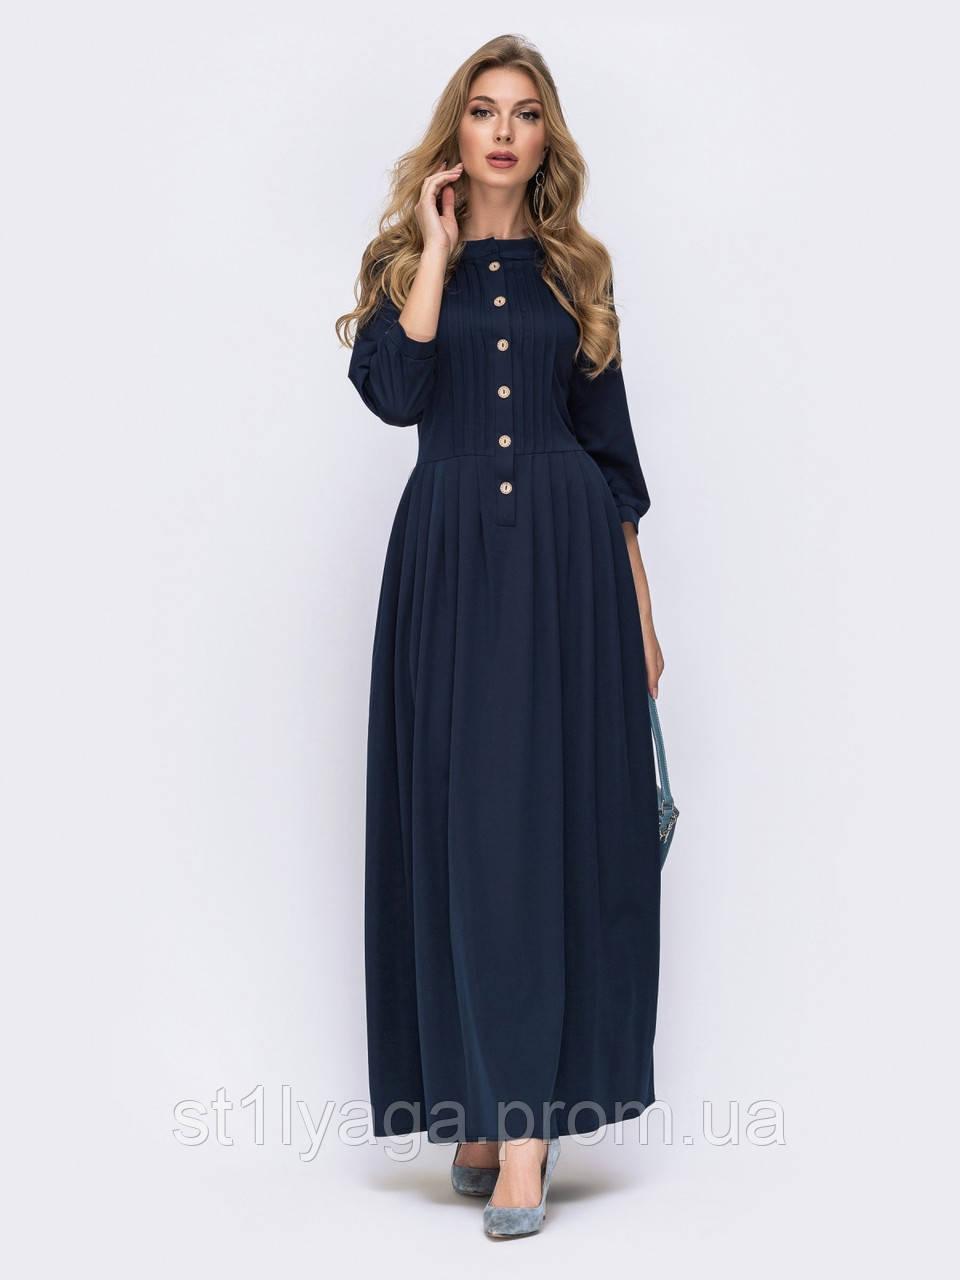 Повседневное платье в пол с  рукавом три четверти и расклешенной юбкой